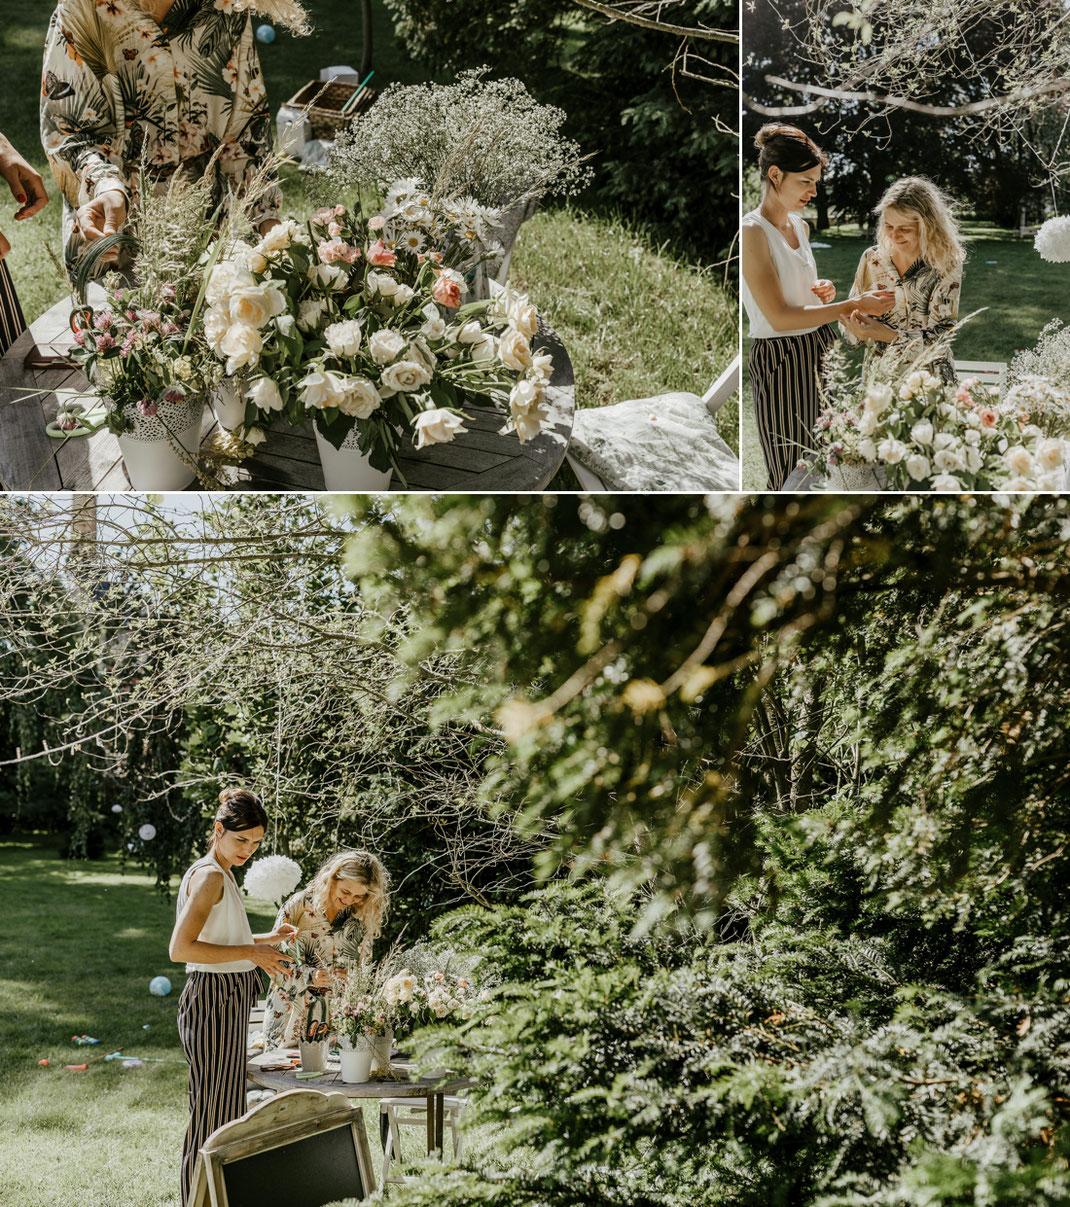 Blumenkränze binden im garten der villa gückelsberg flöha